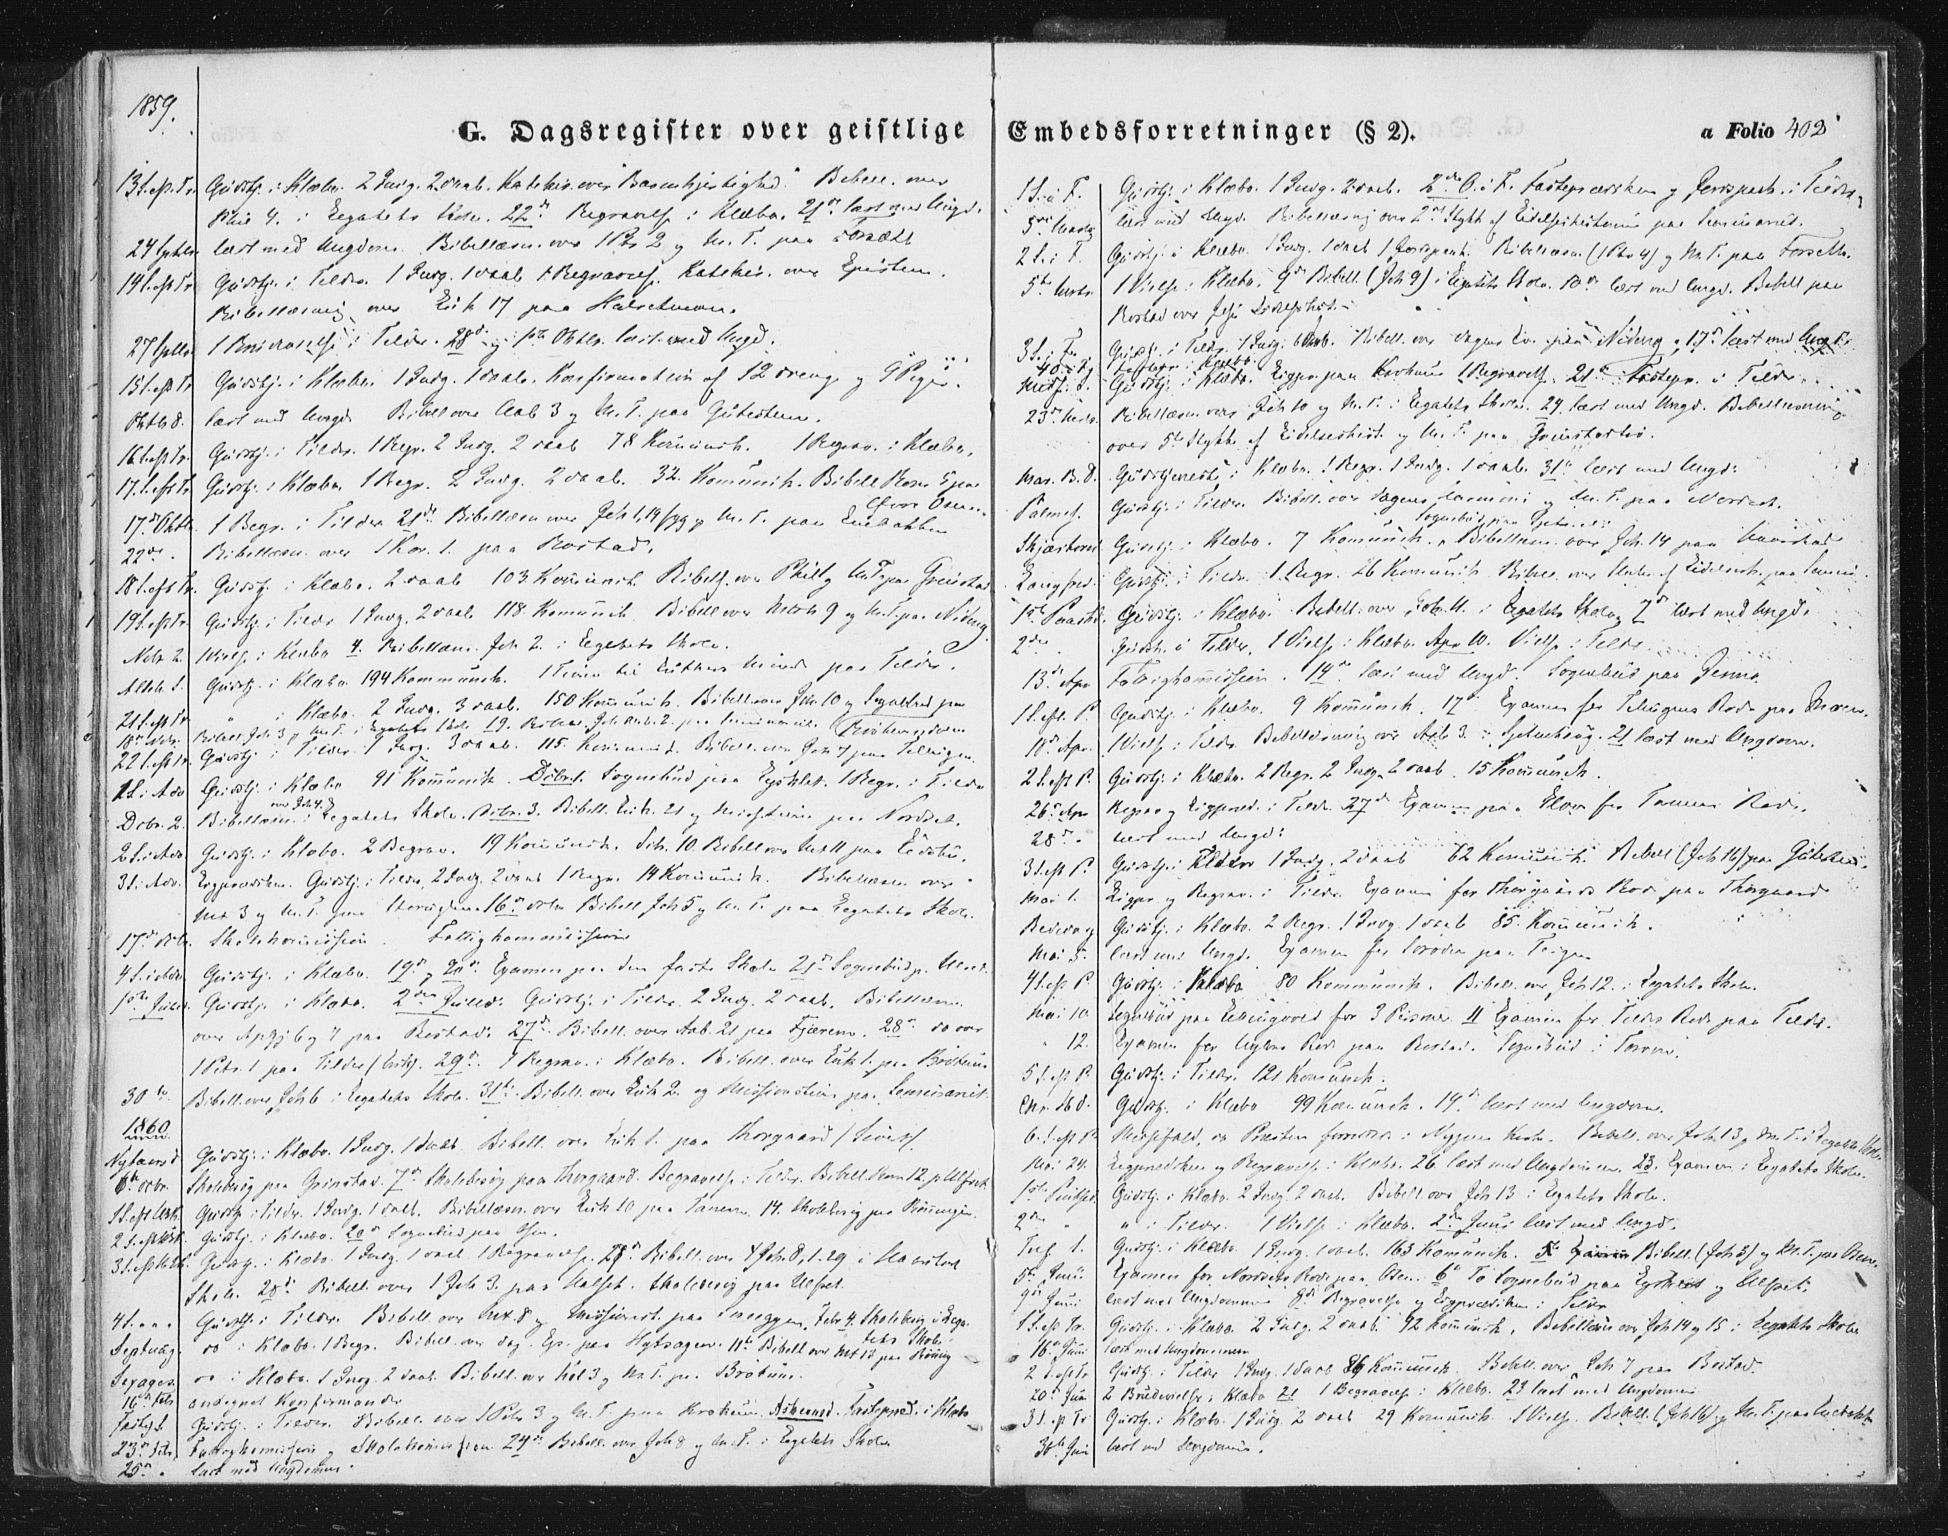 SAT, Ministerialprotokoller, klokkerbøker og fødselsregistre - Sør-Trøndelag, 618/L0441: Ministerialbok nr. 618A05, 1843-1862, s. 402